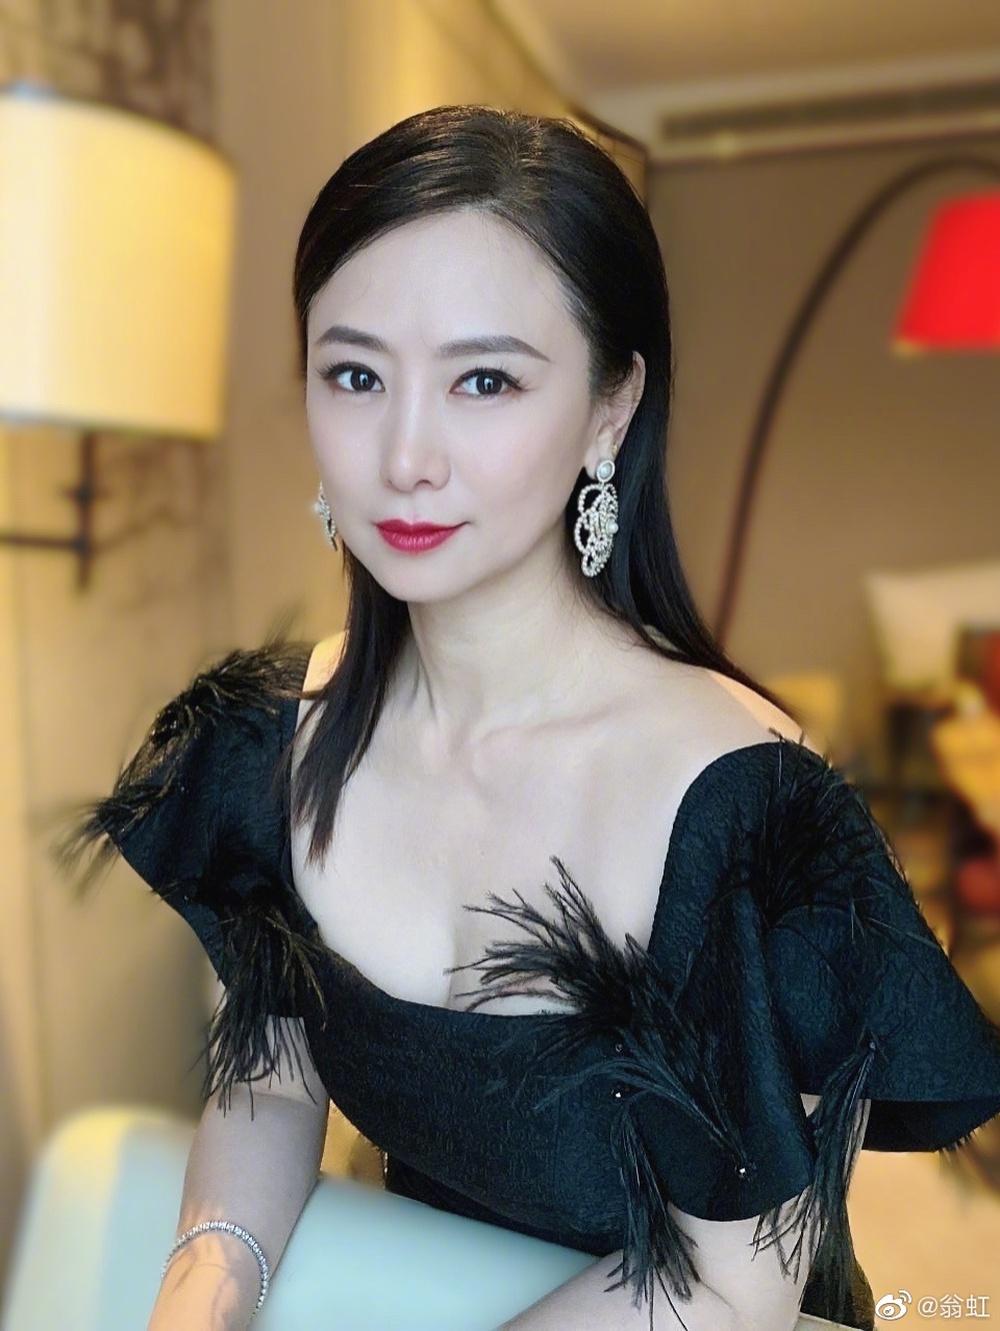 Nữ hoàng phim 18+: Bị Cổ Thiên Lạc si mê theo đuổi, gọi điện chửi mắng 20 phút vì không chịu yêu - Ảnh 14.